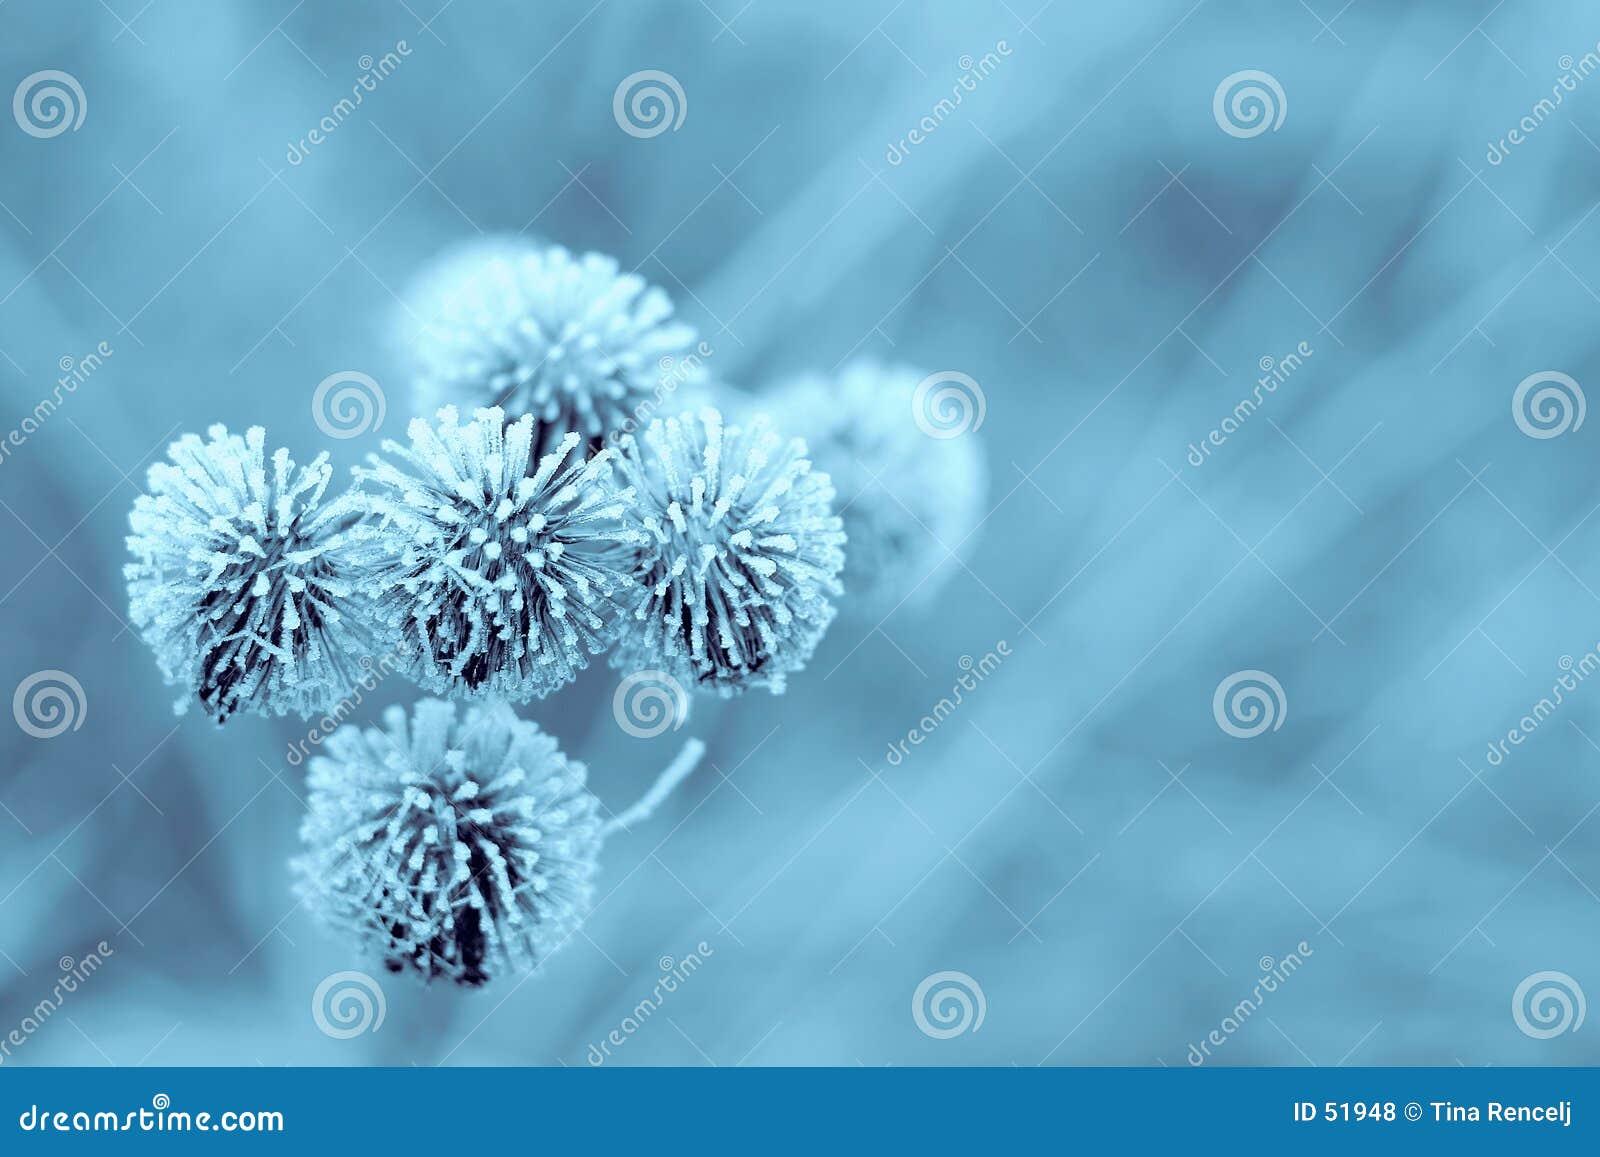 μπλε χειμώνας burdock